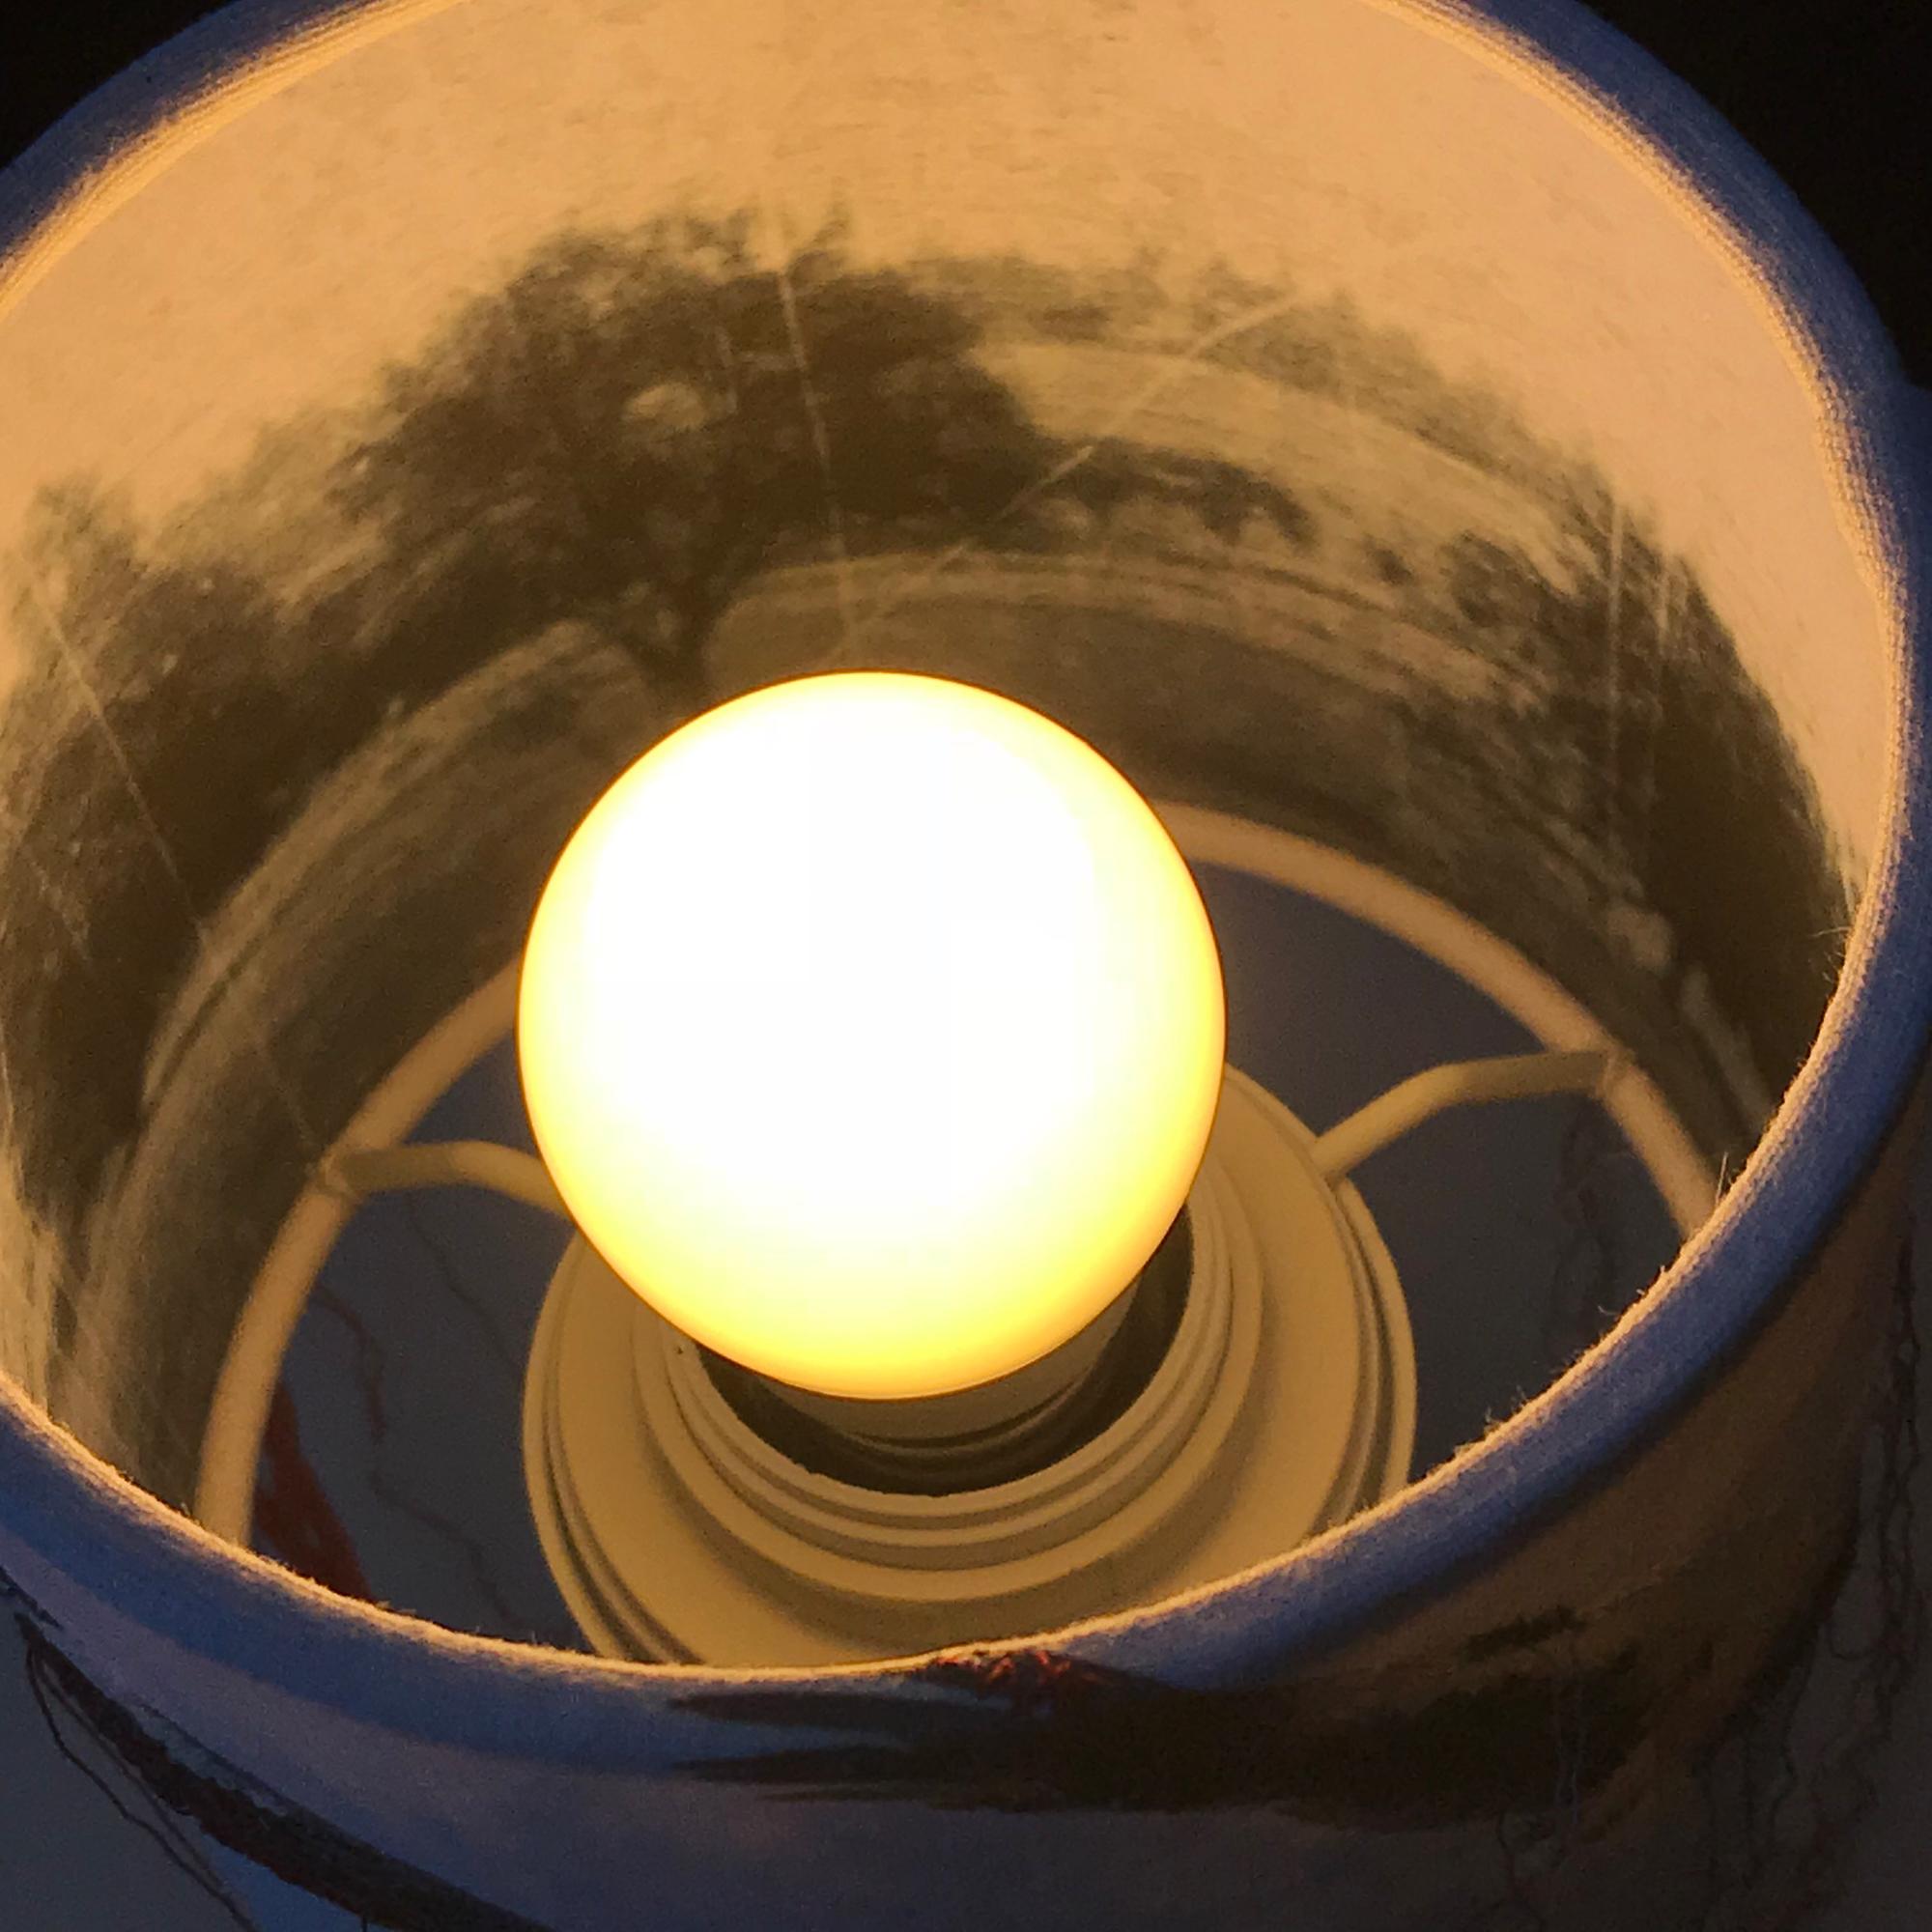 marteamano-Storchlampe, innen